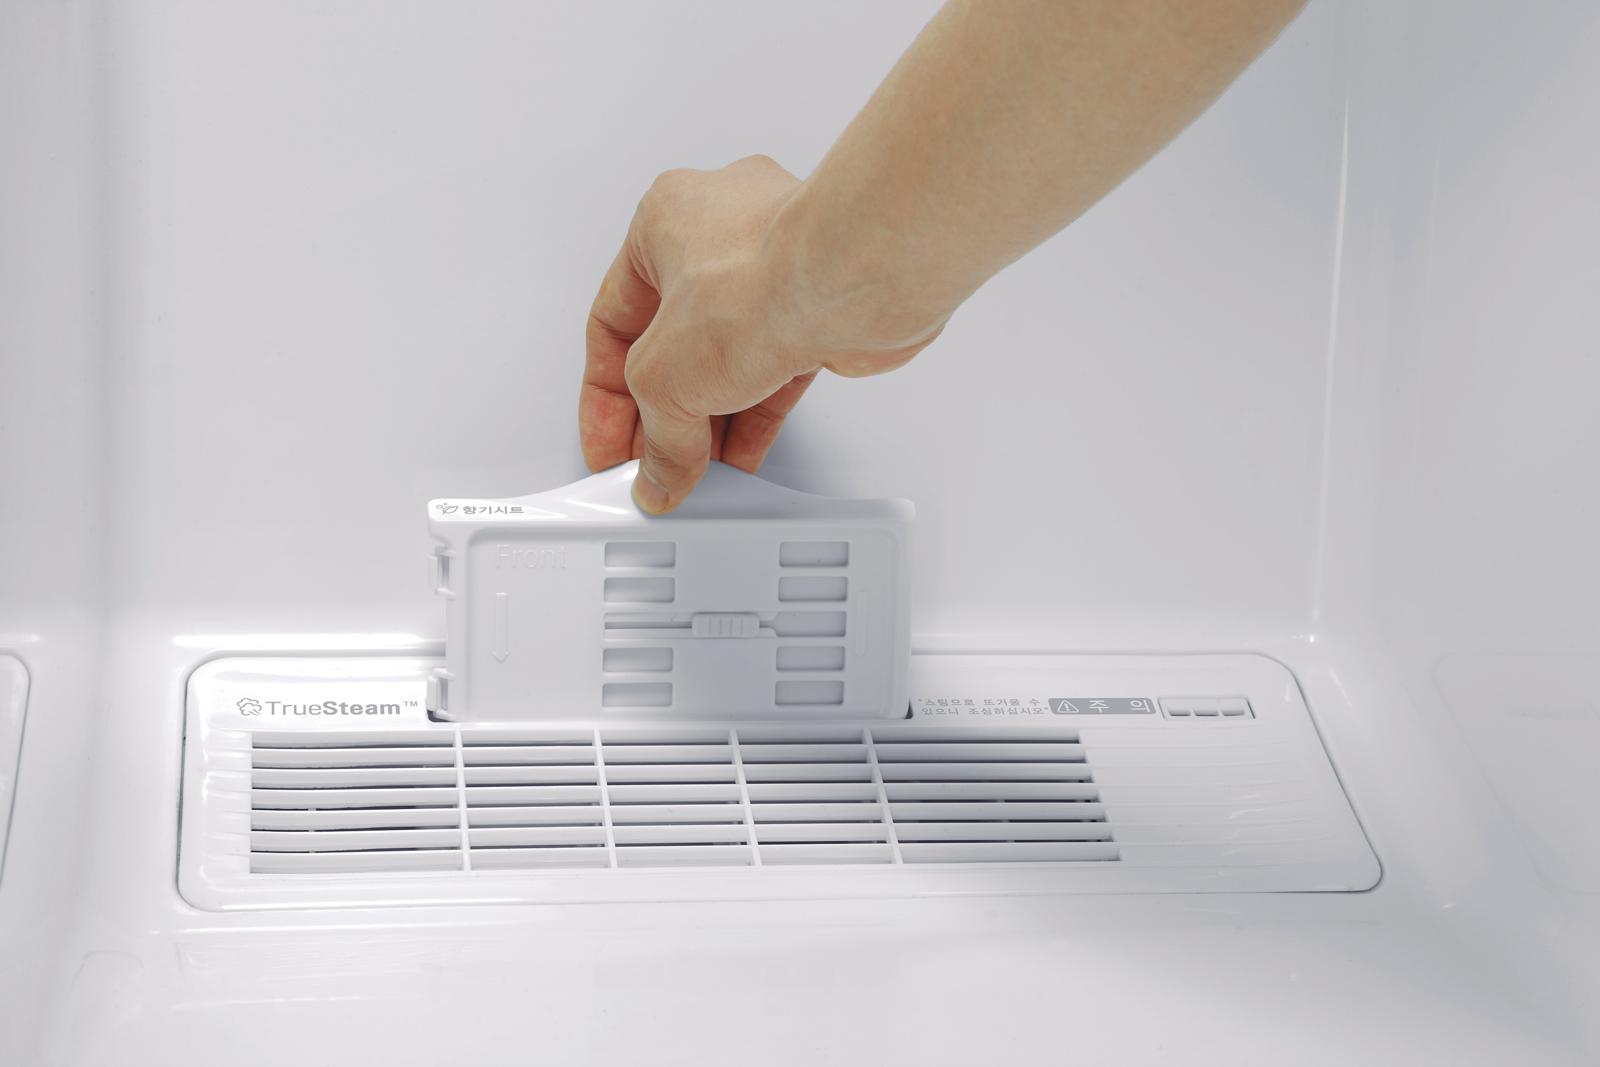 ↑ アロマシートをセットして衣類に香り付けが可能。香水を付けたコットンも設置できる